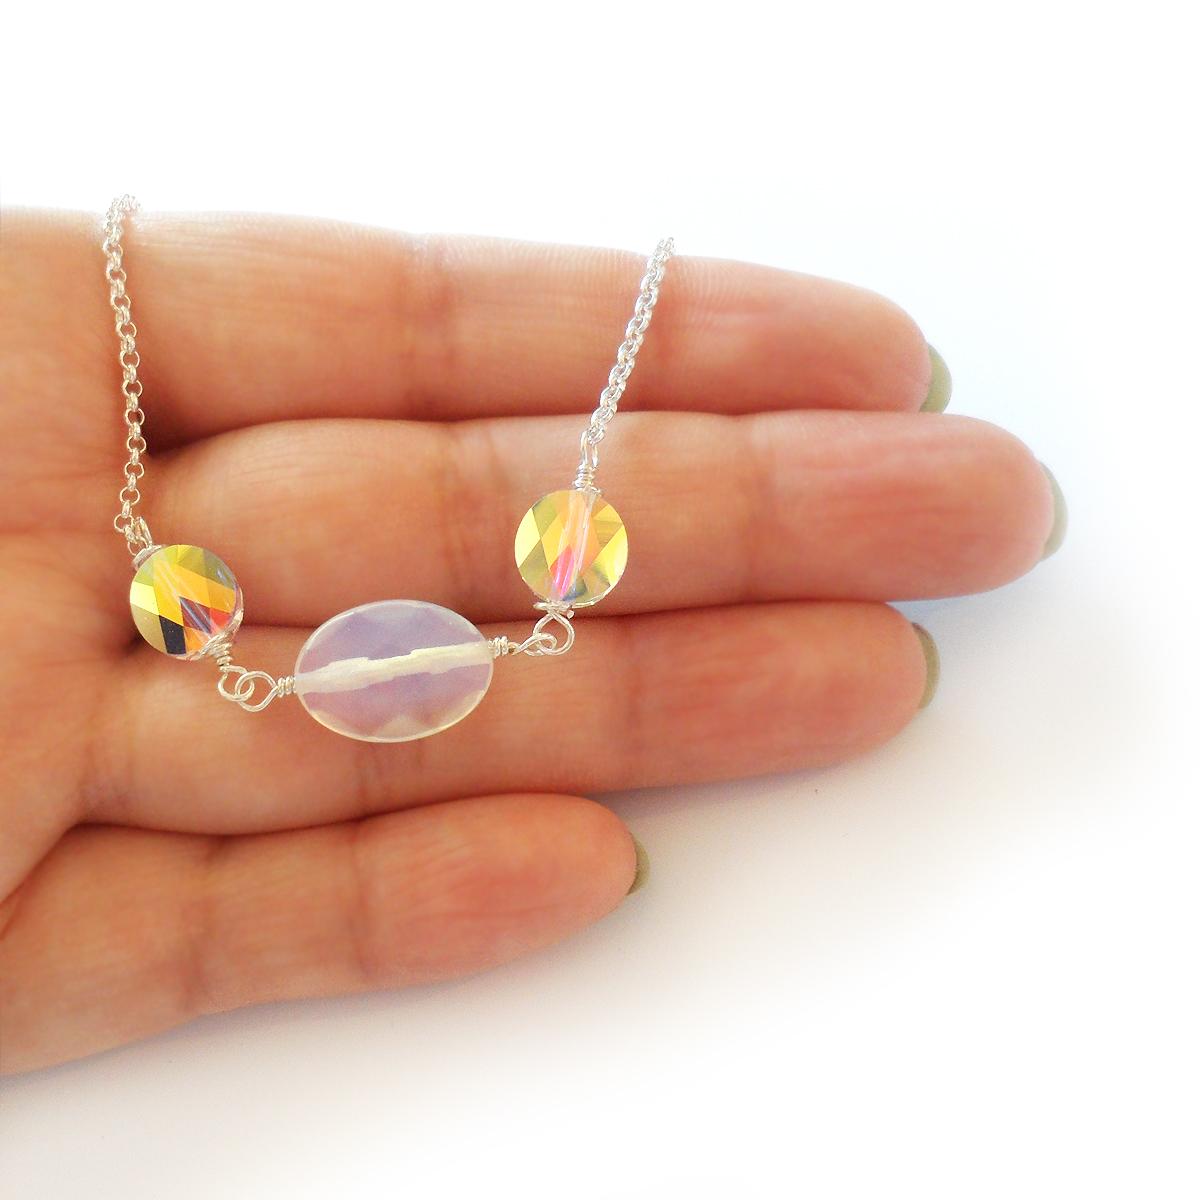 collar-aura-en-ovalos-de-cristal-de-swarovski-y-piedra-de-luna-3